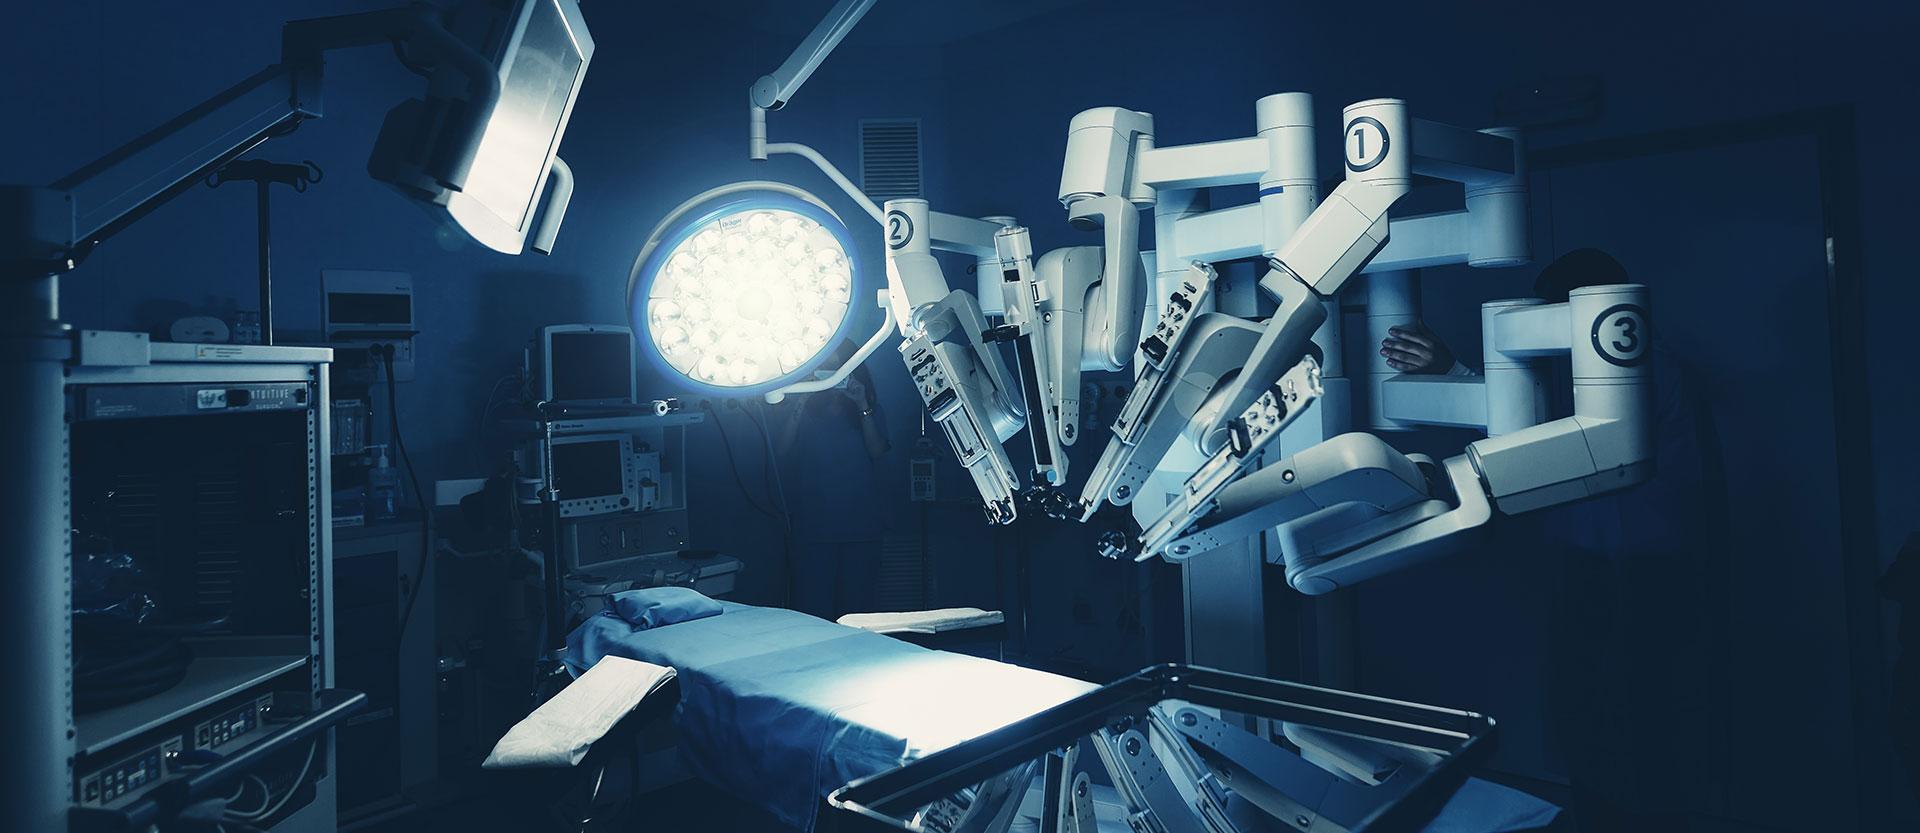 Roboter im OP-Saal